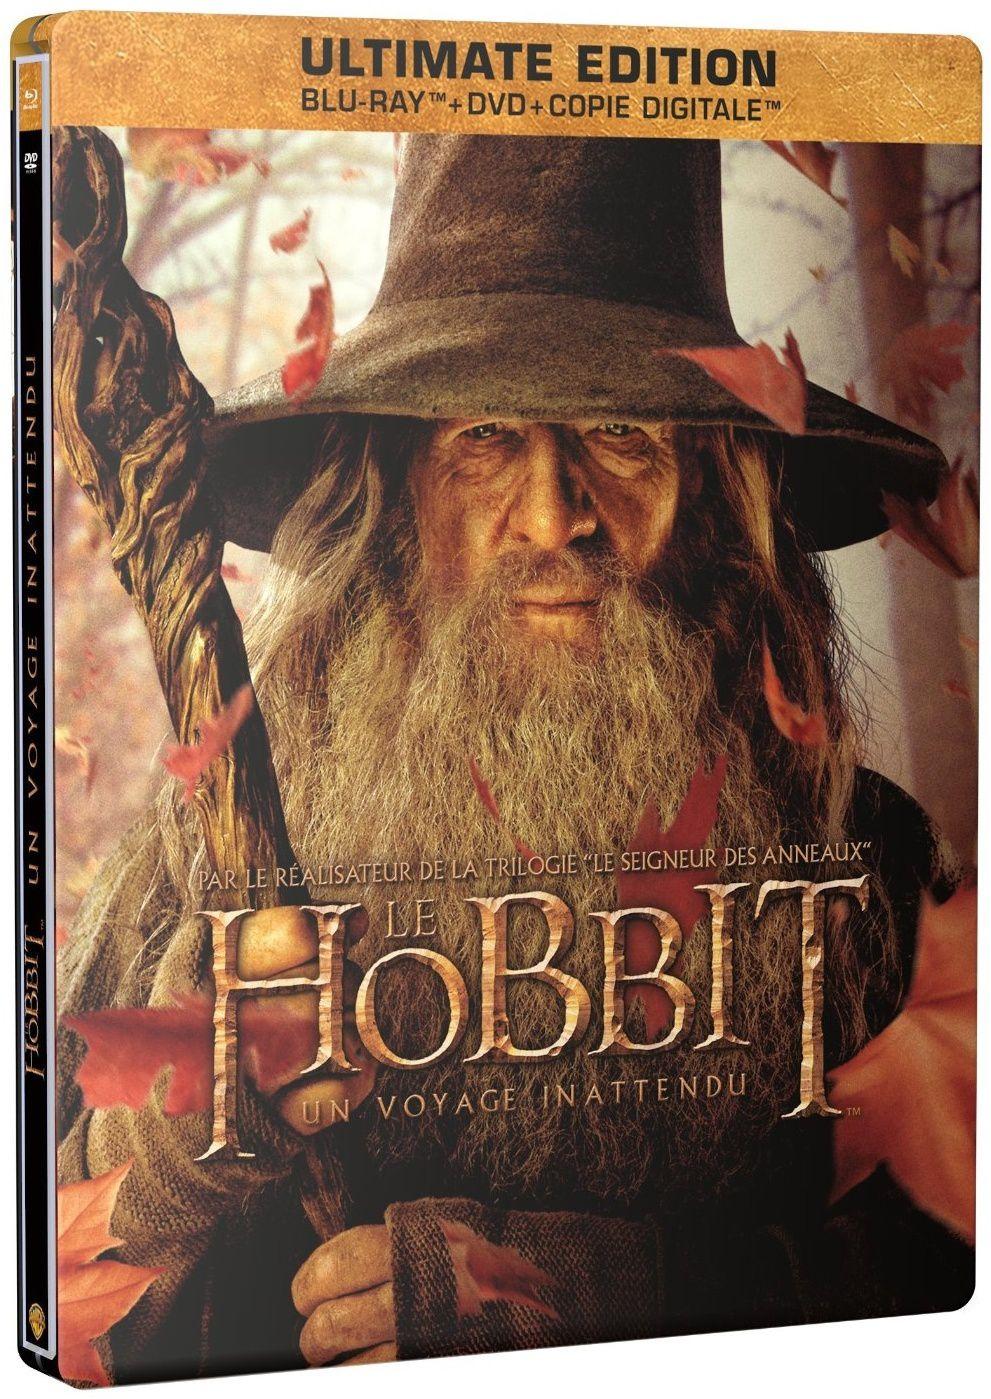 Le Hobbit, un voyage inattendu en blu-ray métal ultimate à 7€ only !